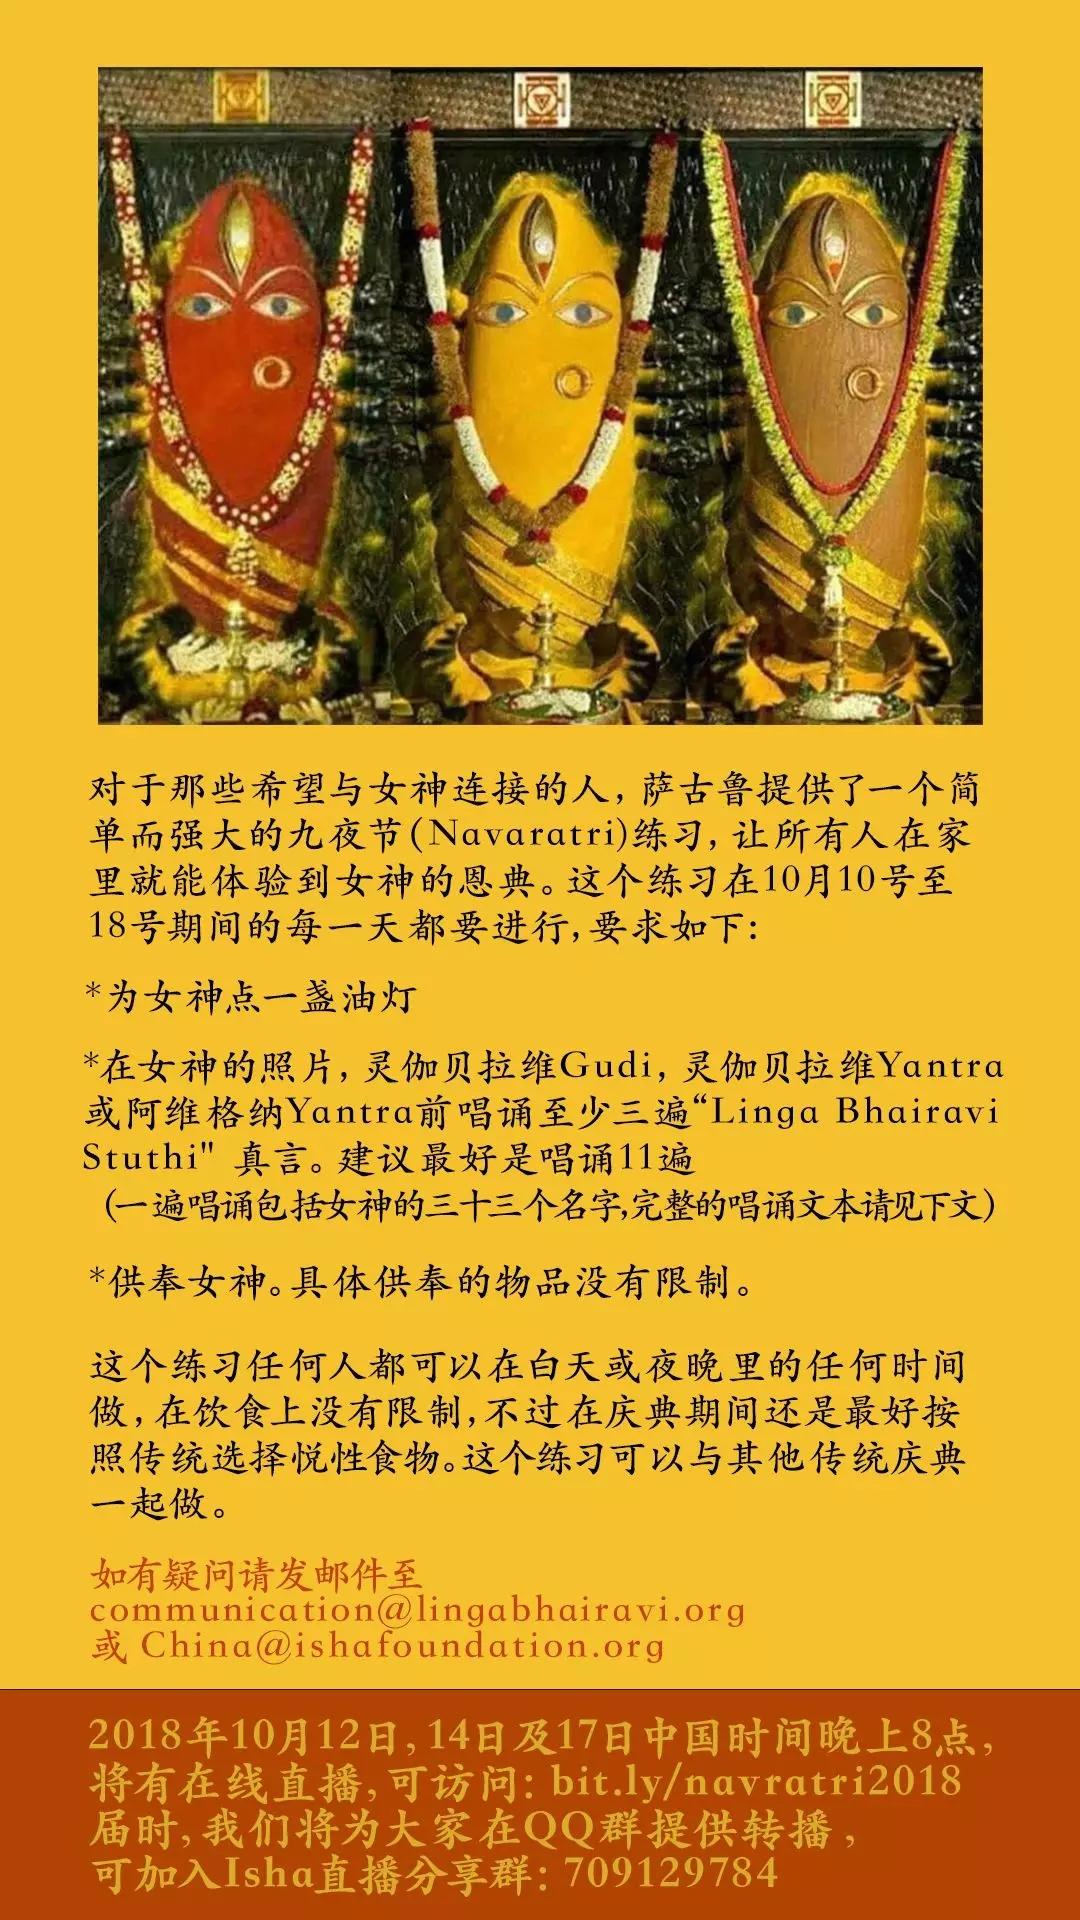 九夜节练习丨接收贝拉维的恩典